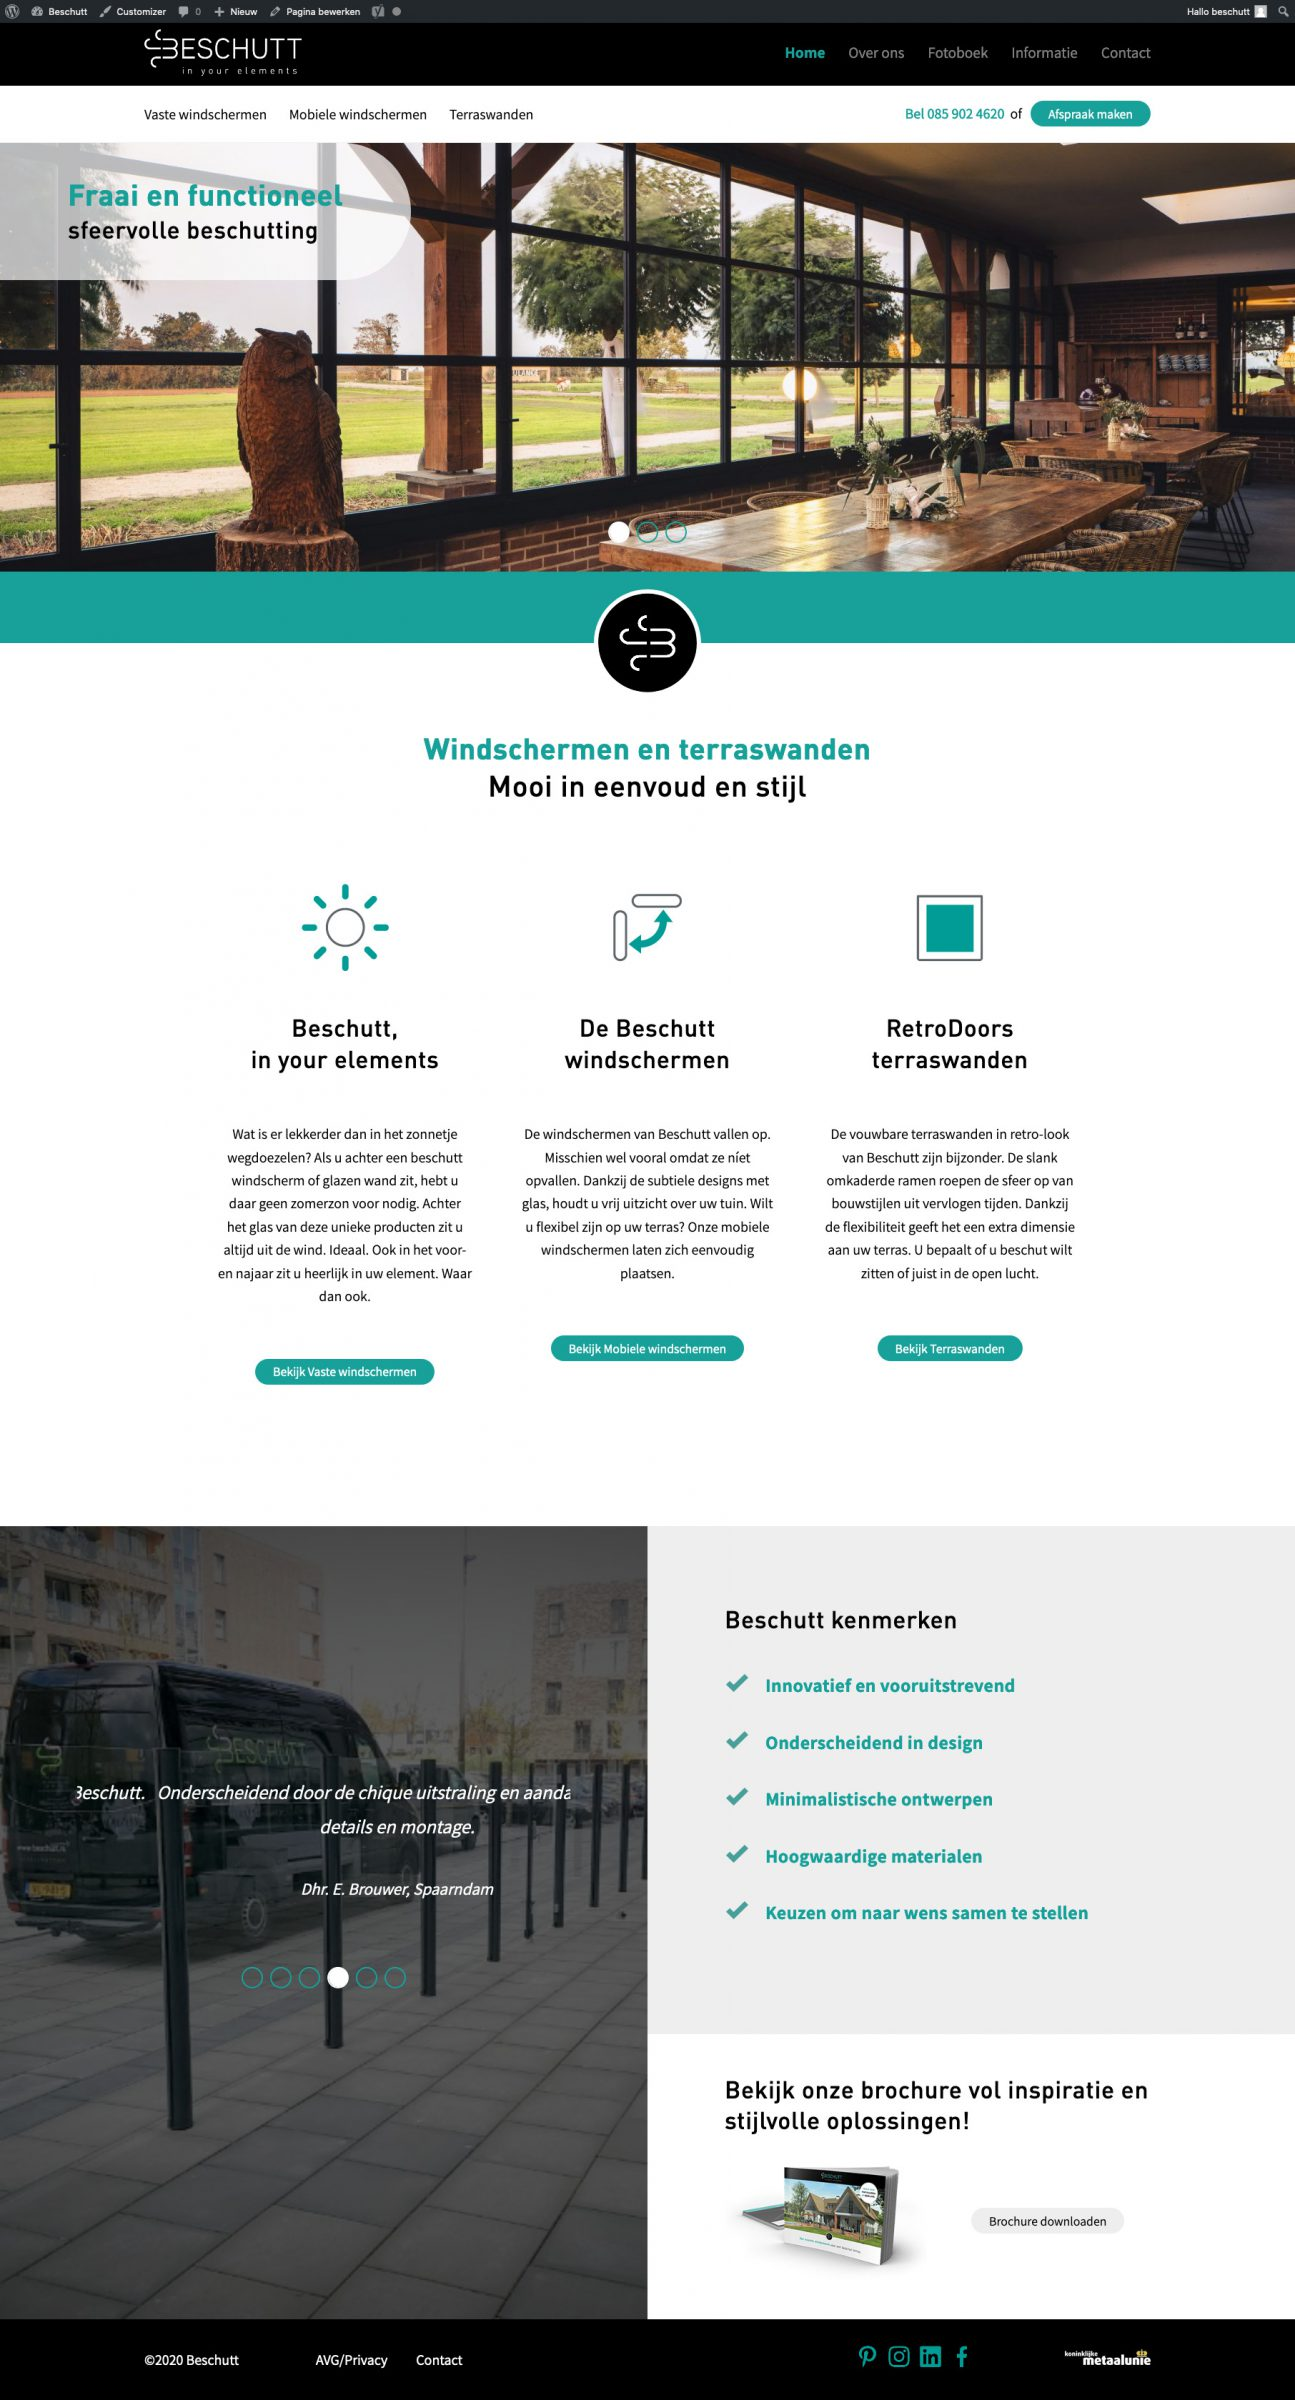 Homepage Beschutt website